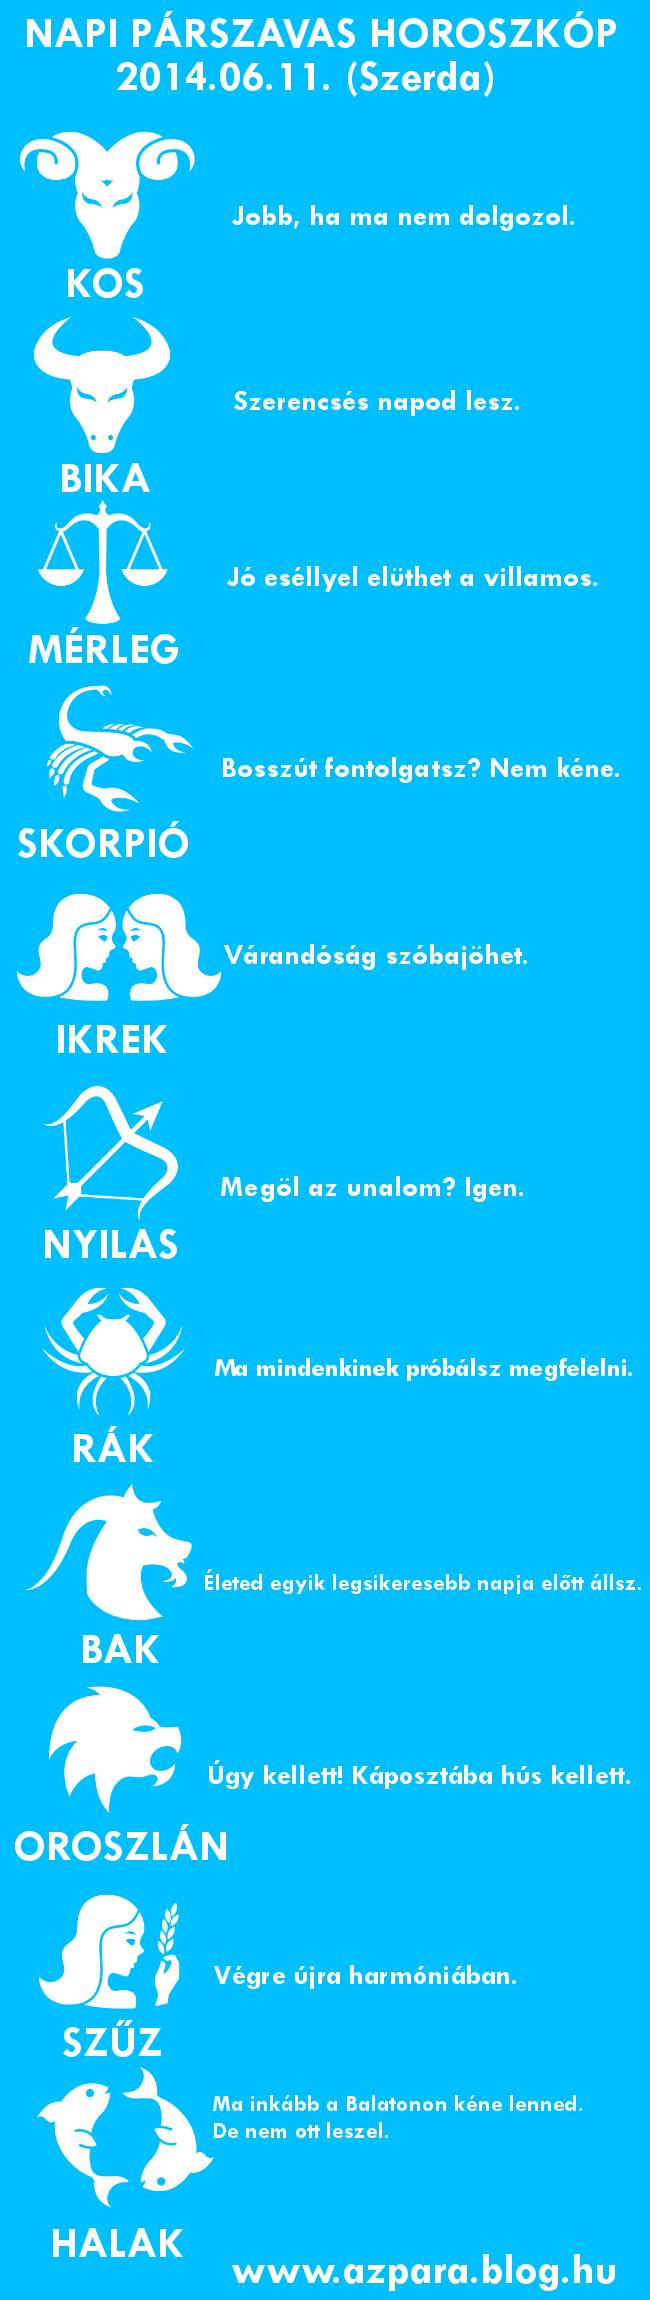 horoszkop1.png